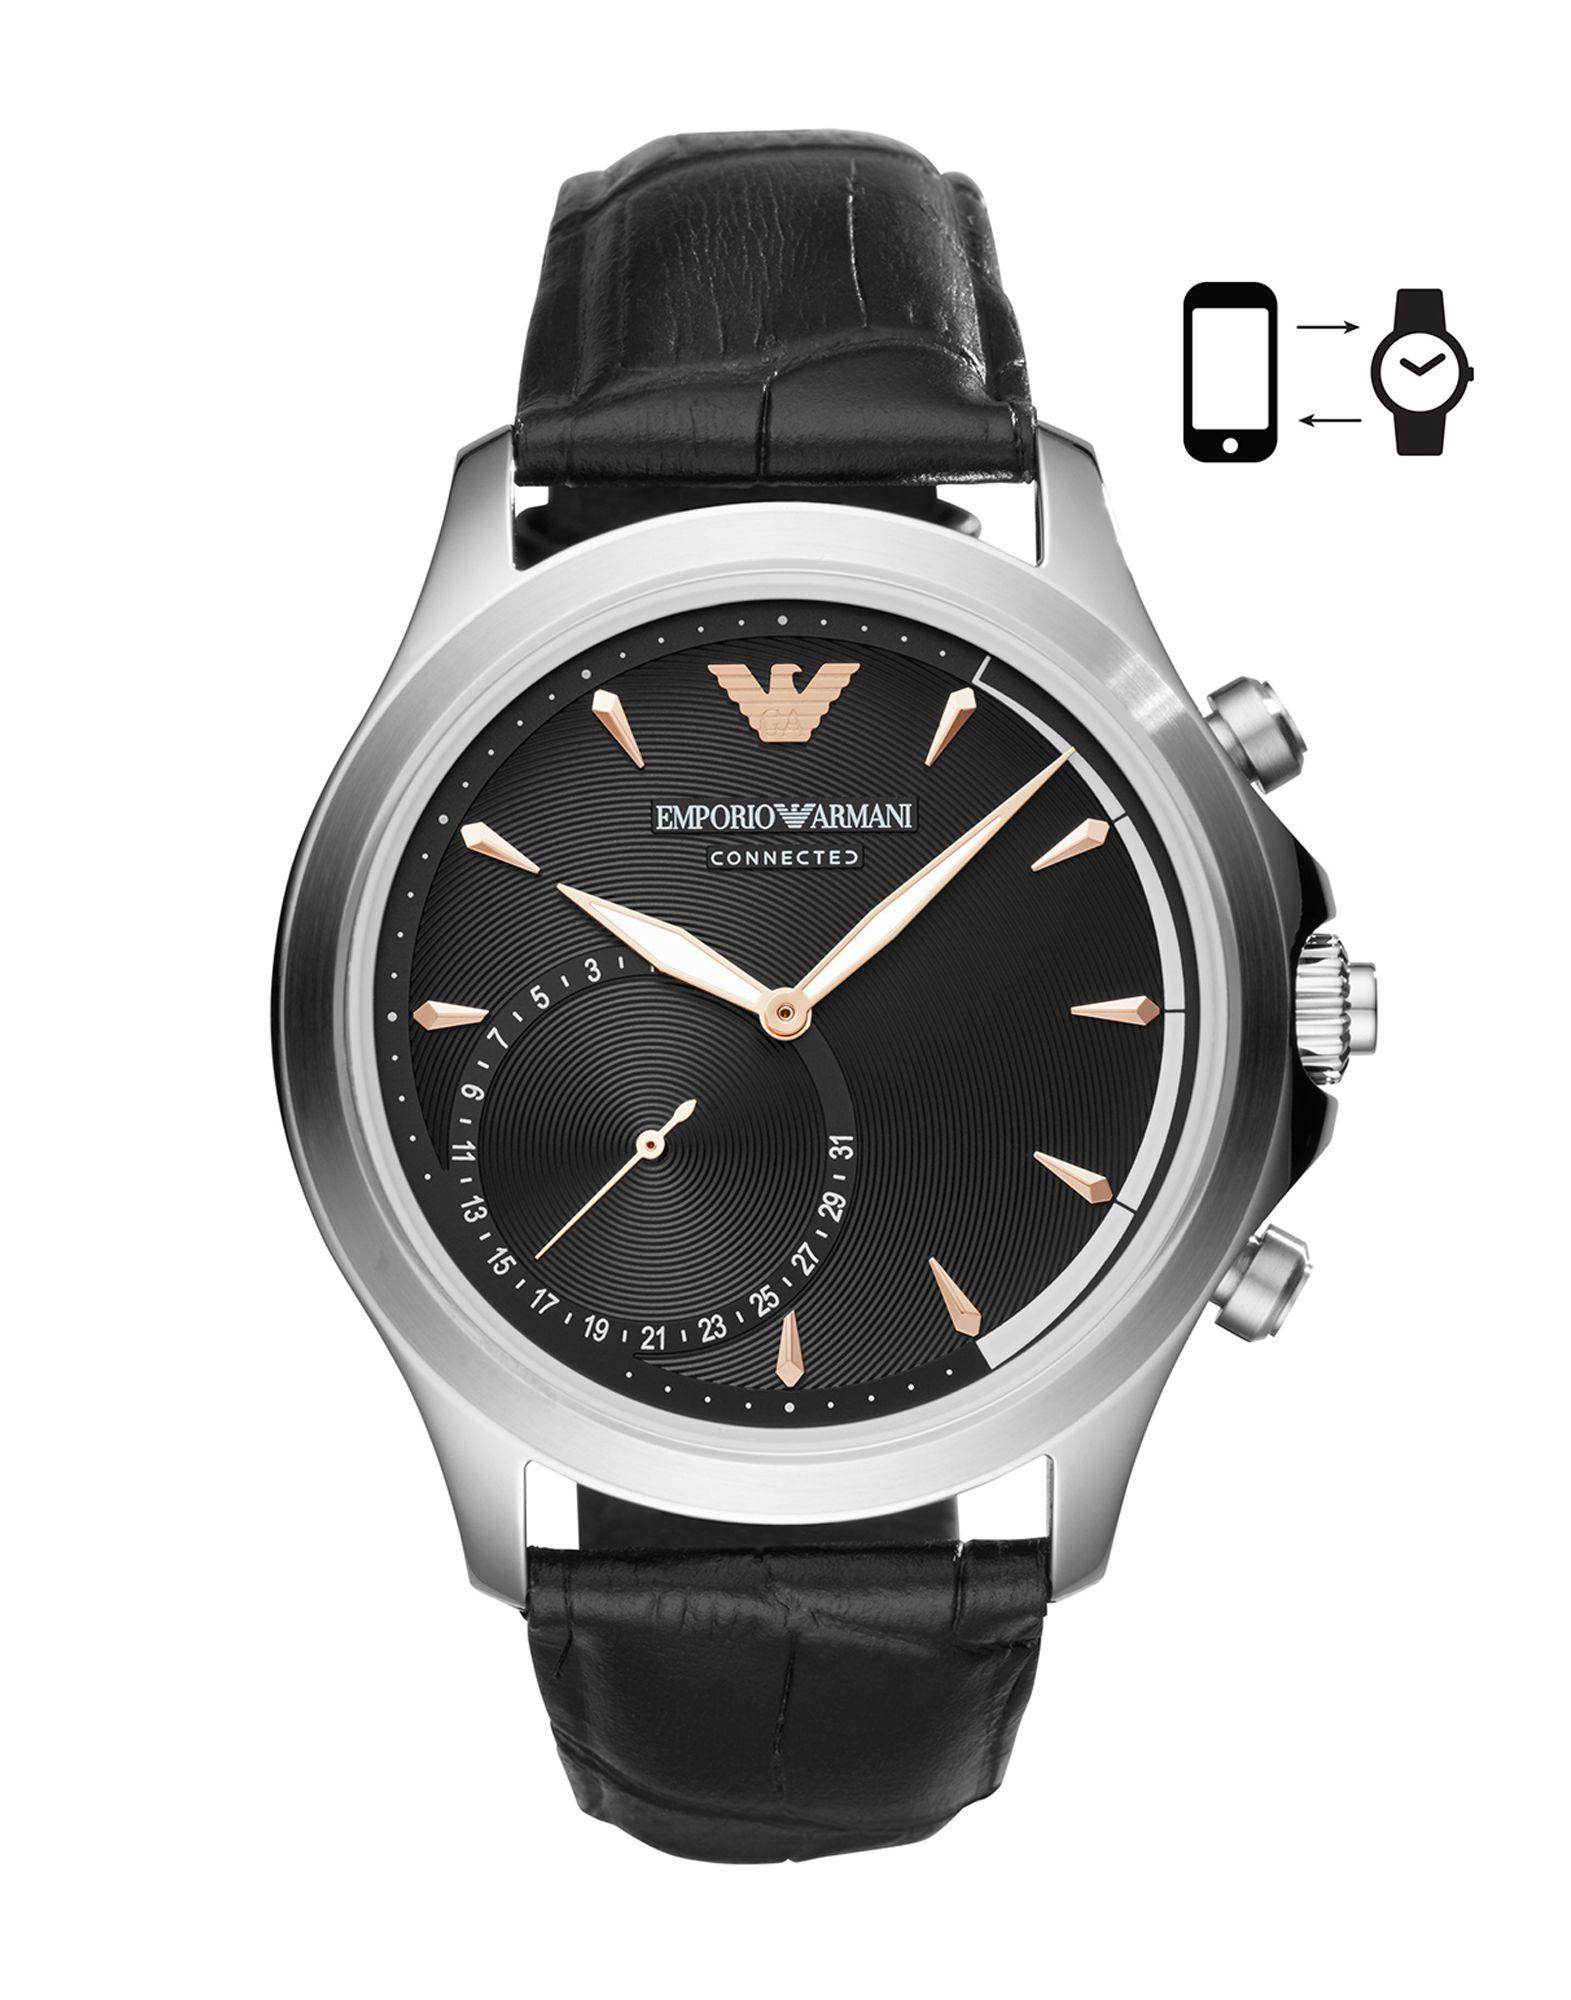 EMPORIO ARMANI CONNECTED Herren Smartwatch Farbe Schwarz Größe 1 jetztbilligerkaufen